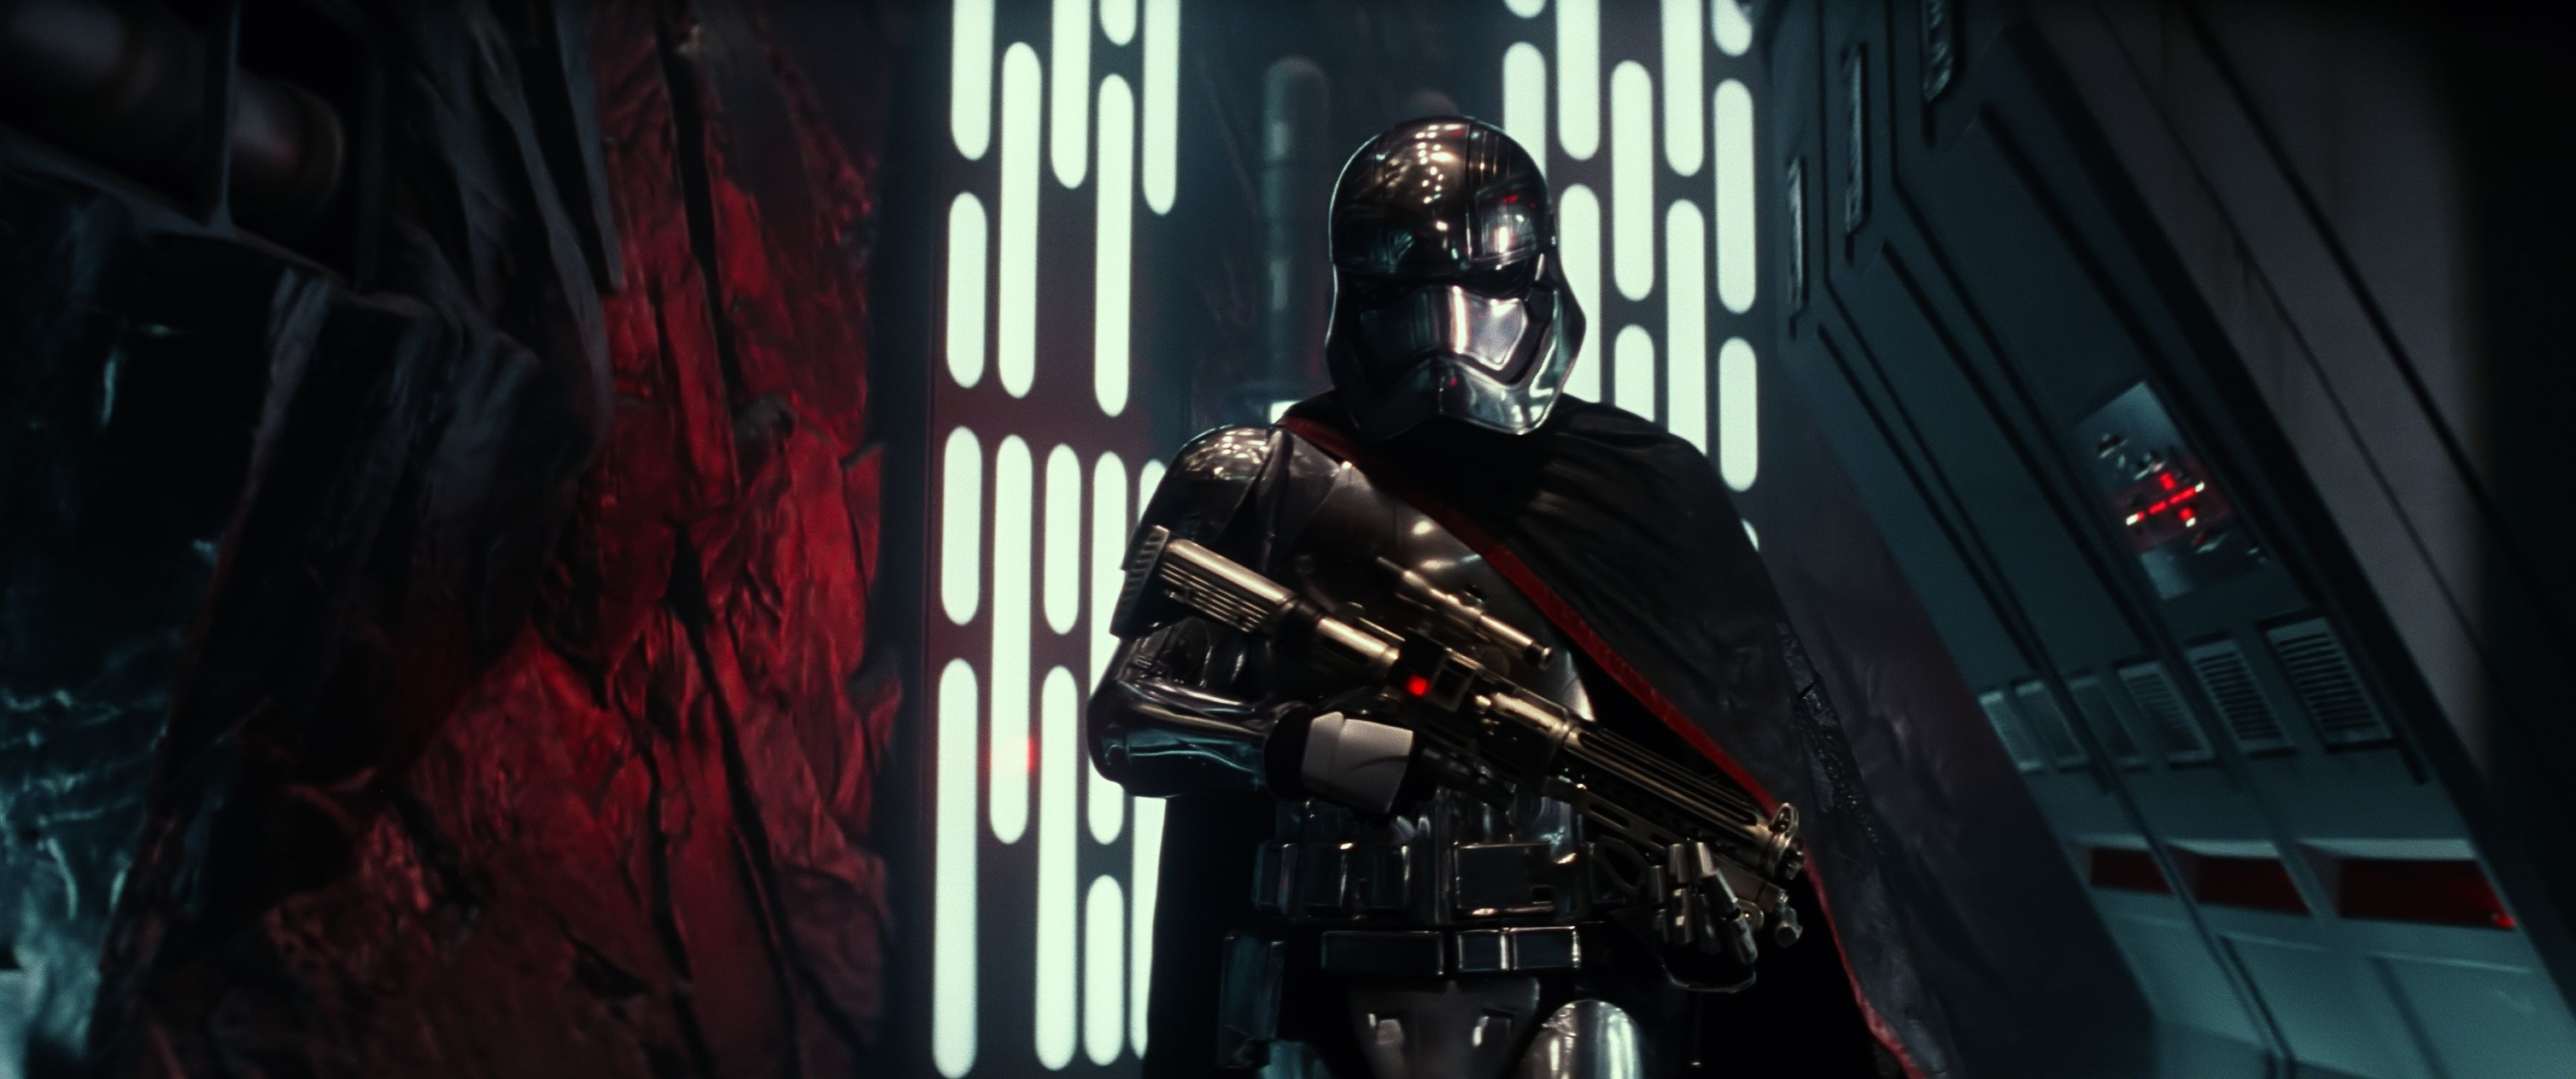 Star-Wars-7-Das-Erwachen-der-Macht-3D-Captain-Phase